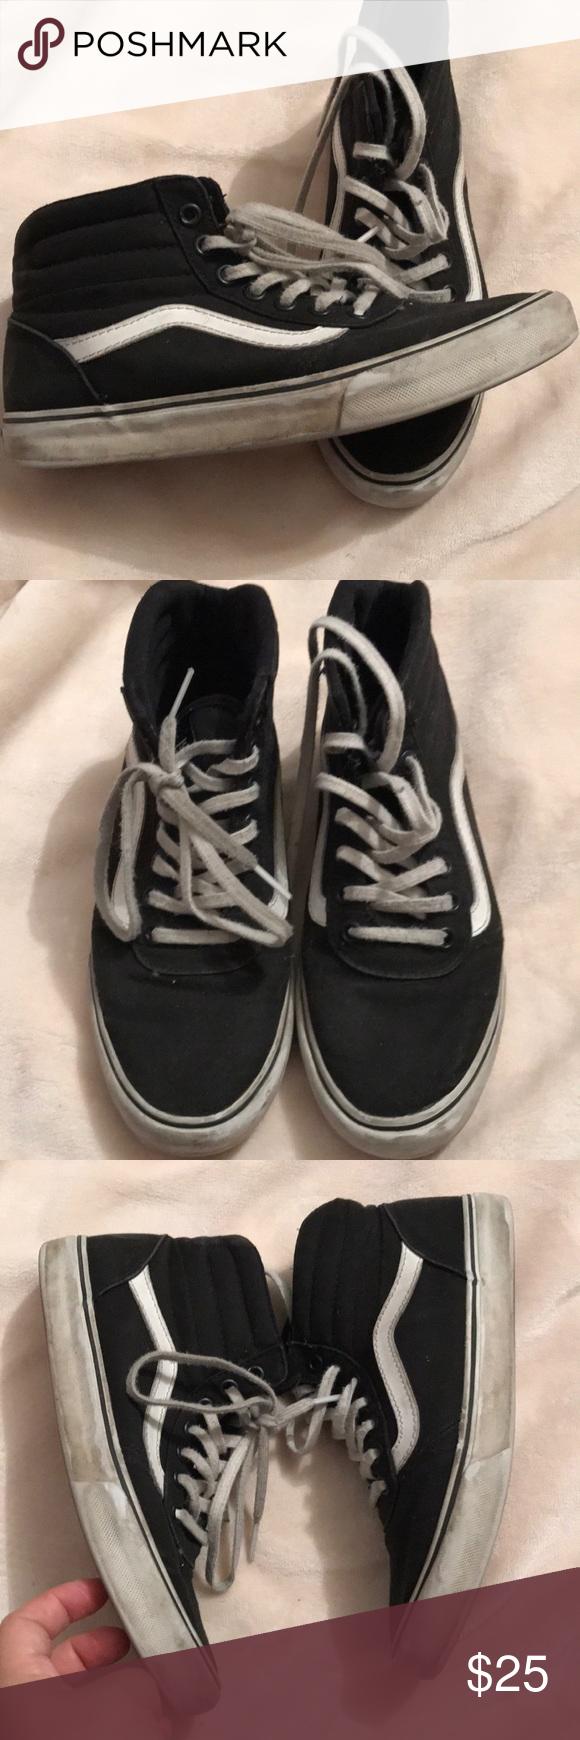 van shoes size 6.5